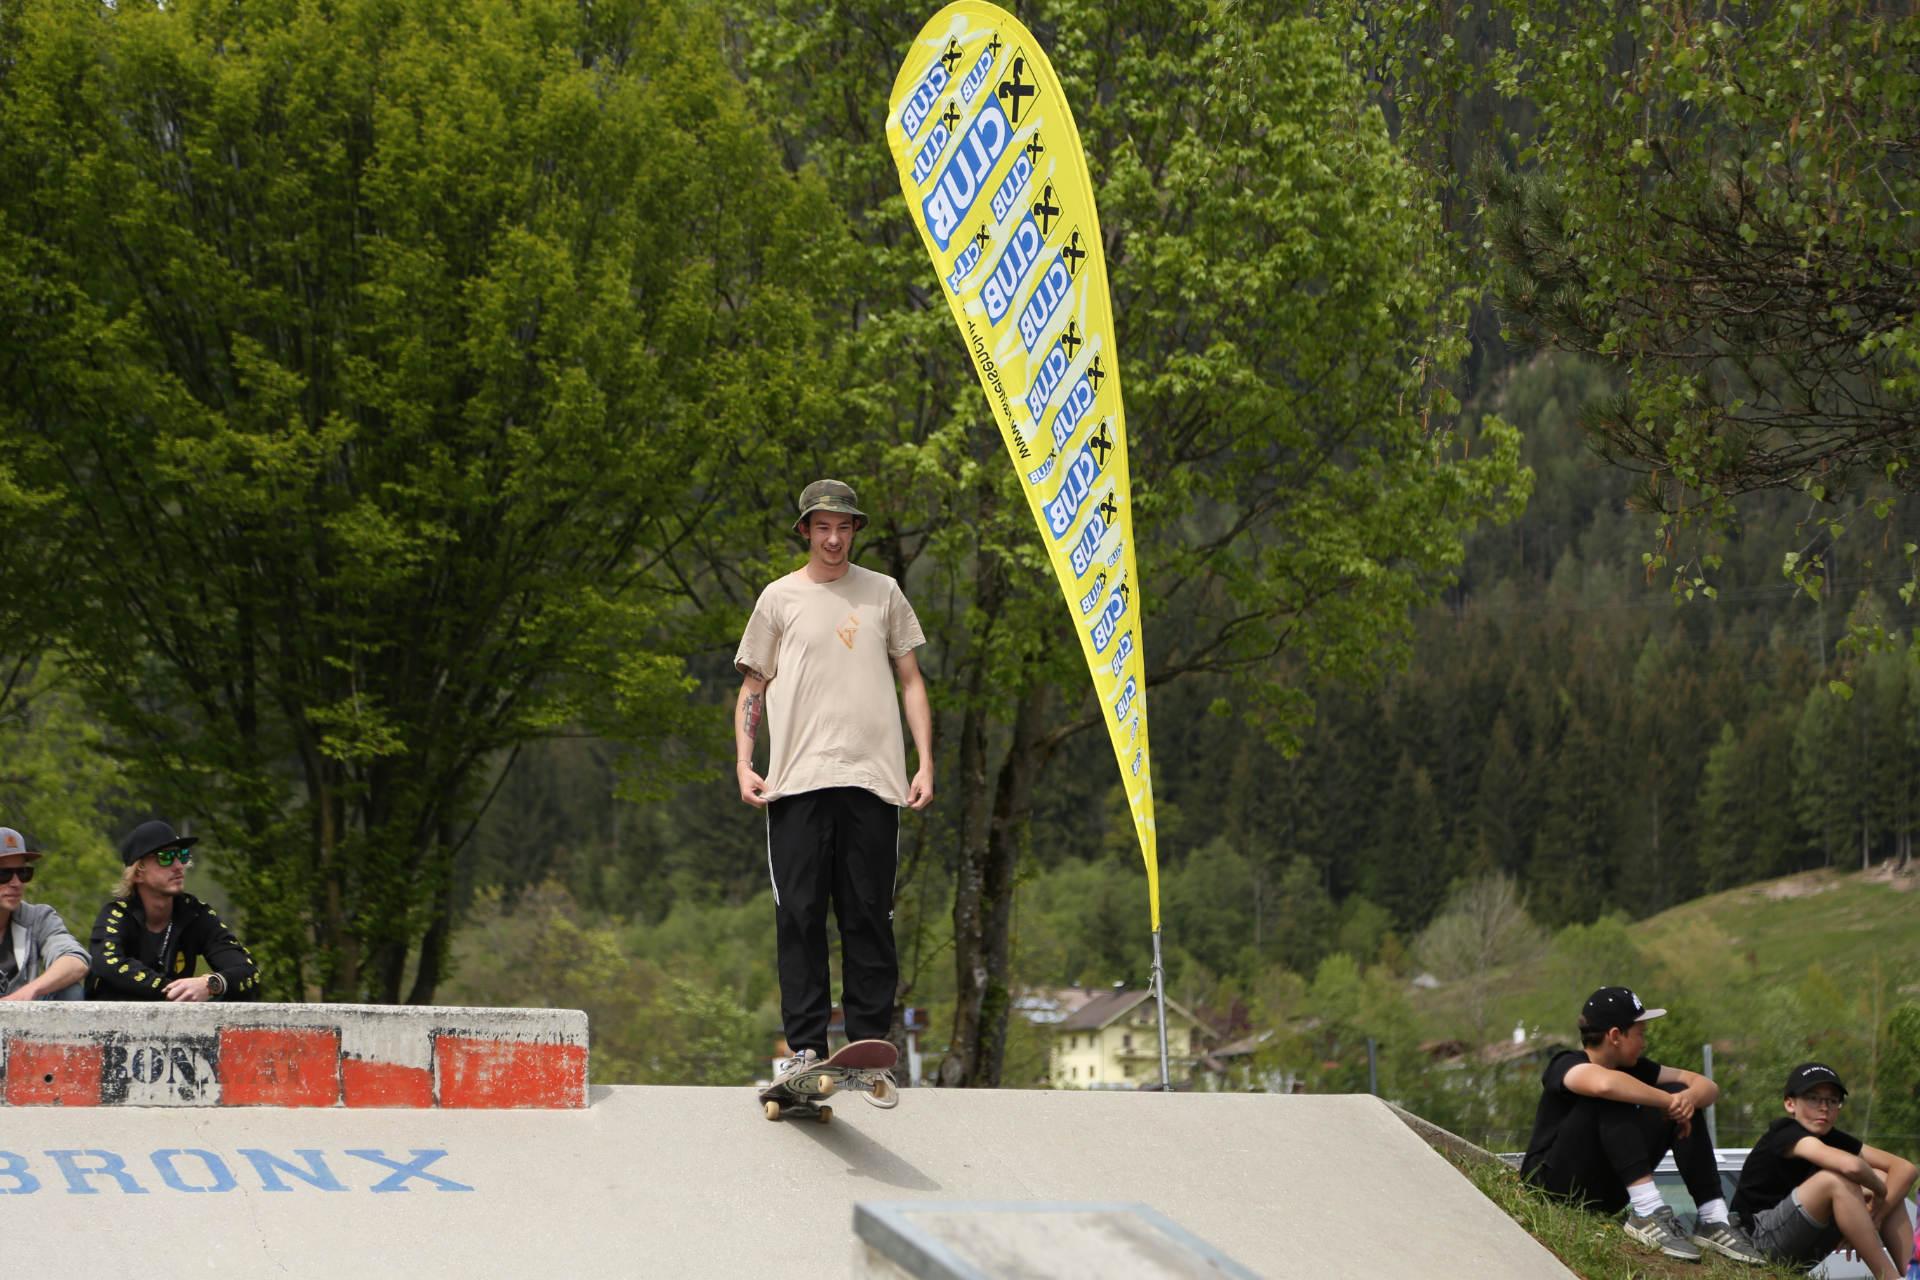 skateboard headz fieberbrunn kgt kitz gau trophy 2019 saalfelden hell00043